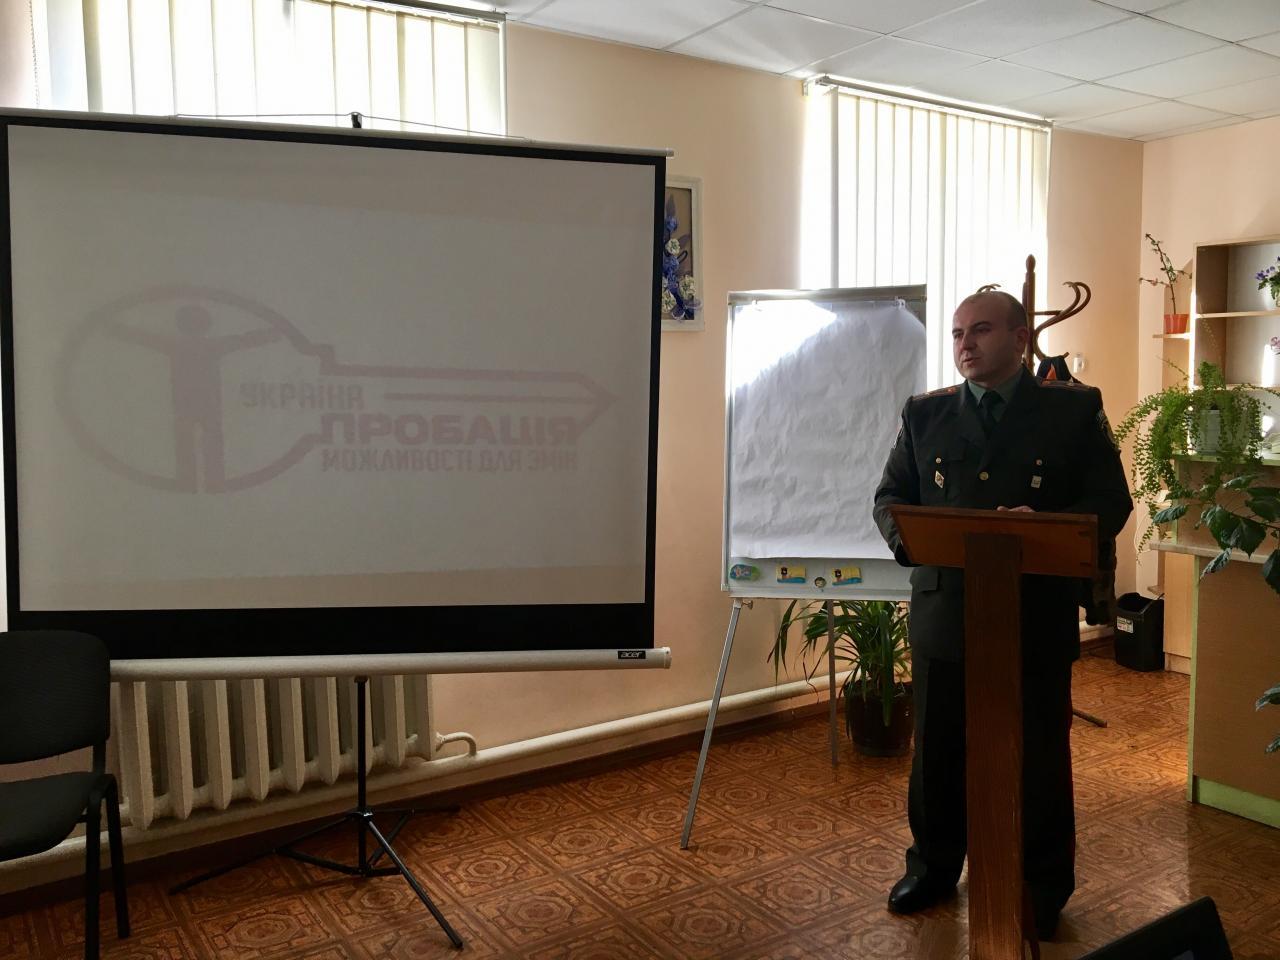 http://dunrada.gov.ua/uploadfile/archive_news/2020/02/14/2020-02-14_6948/images/images-9522.jpg